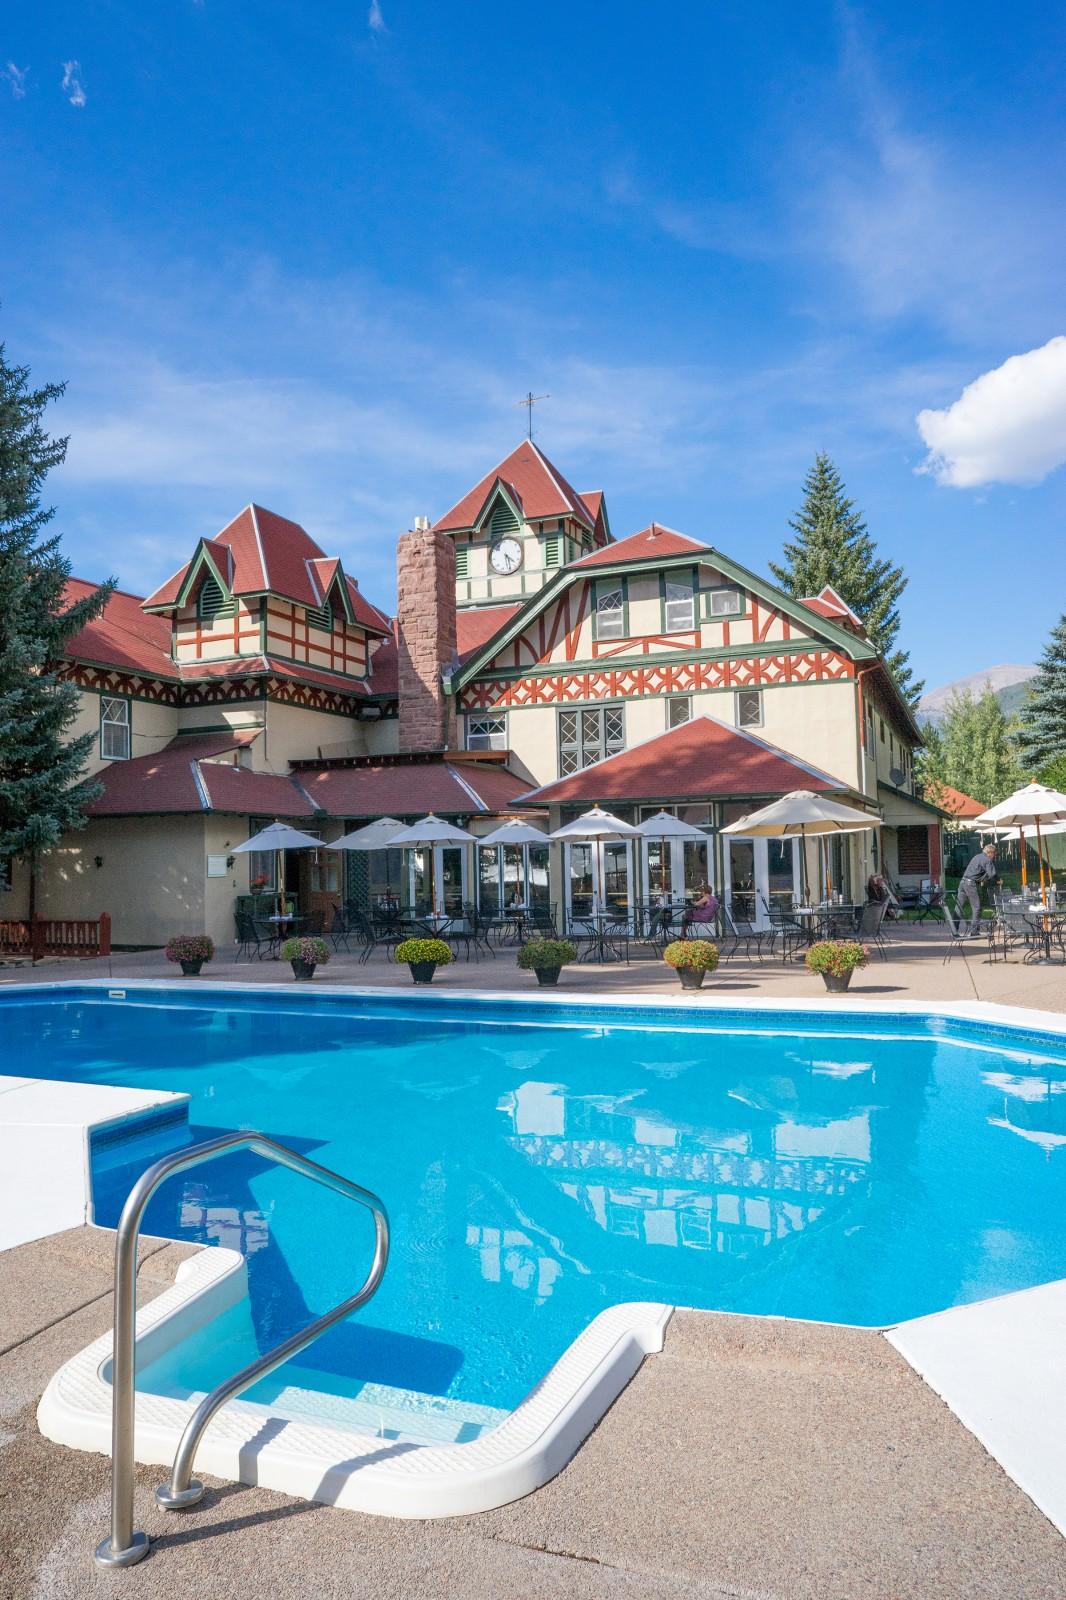 Redstone Inn Pool, Summer in Colorado